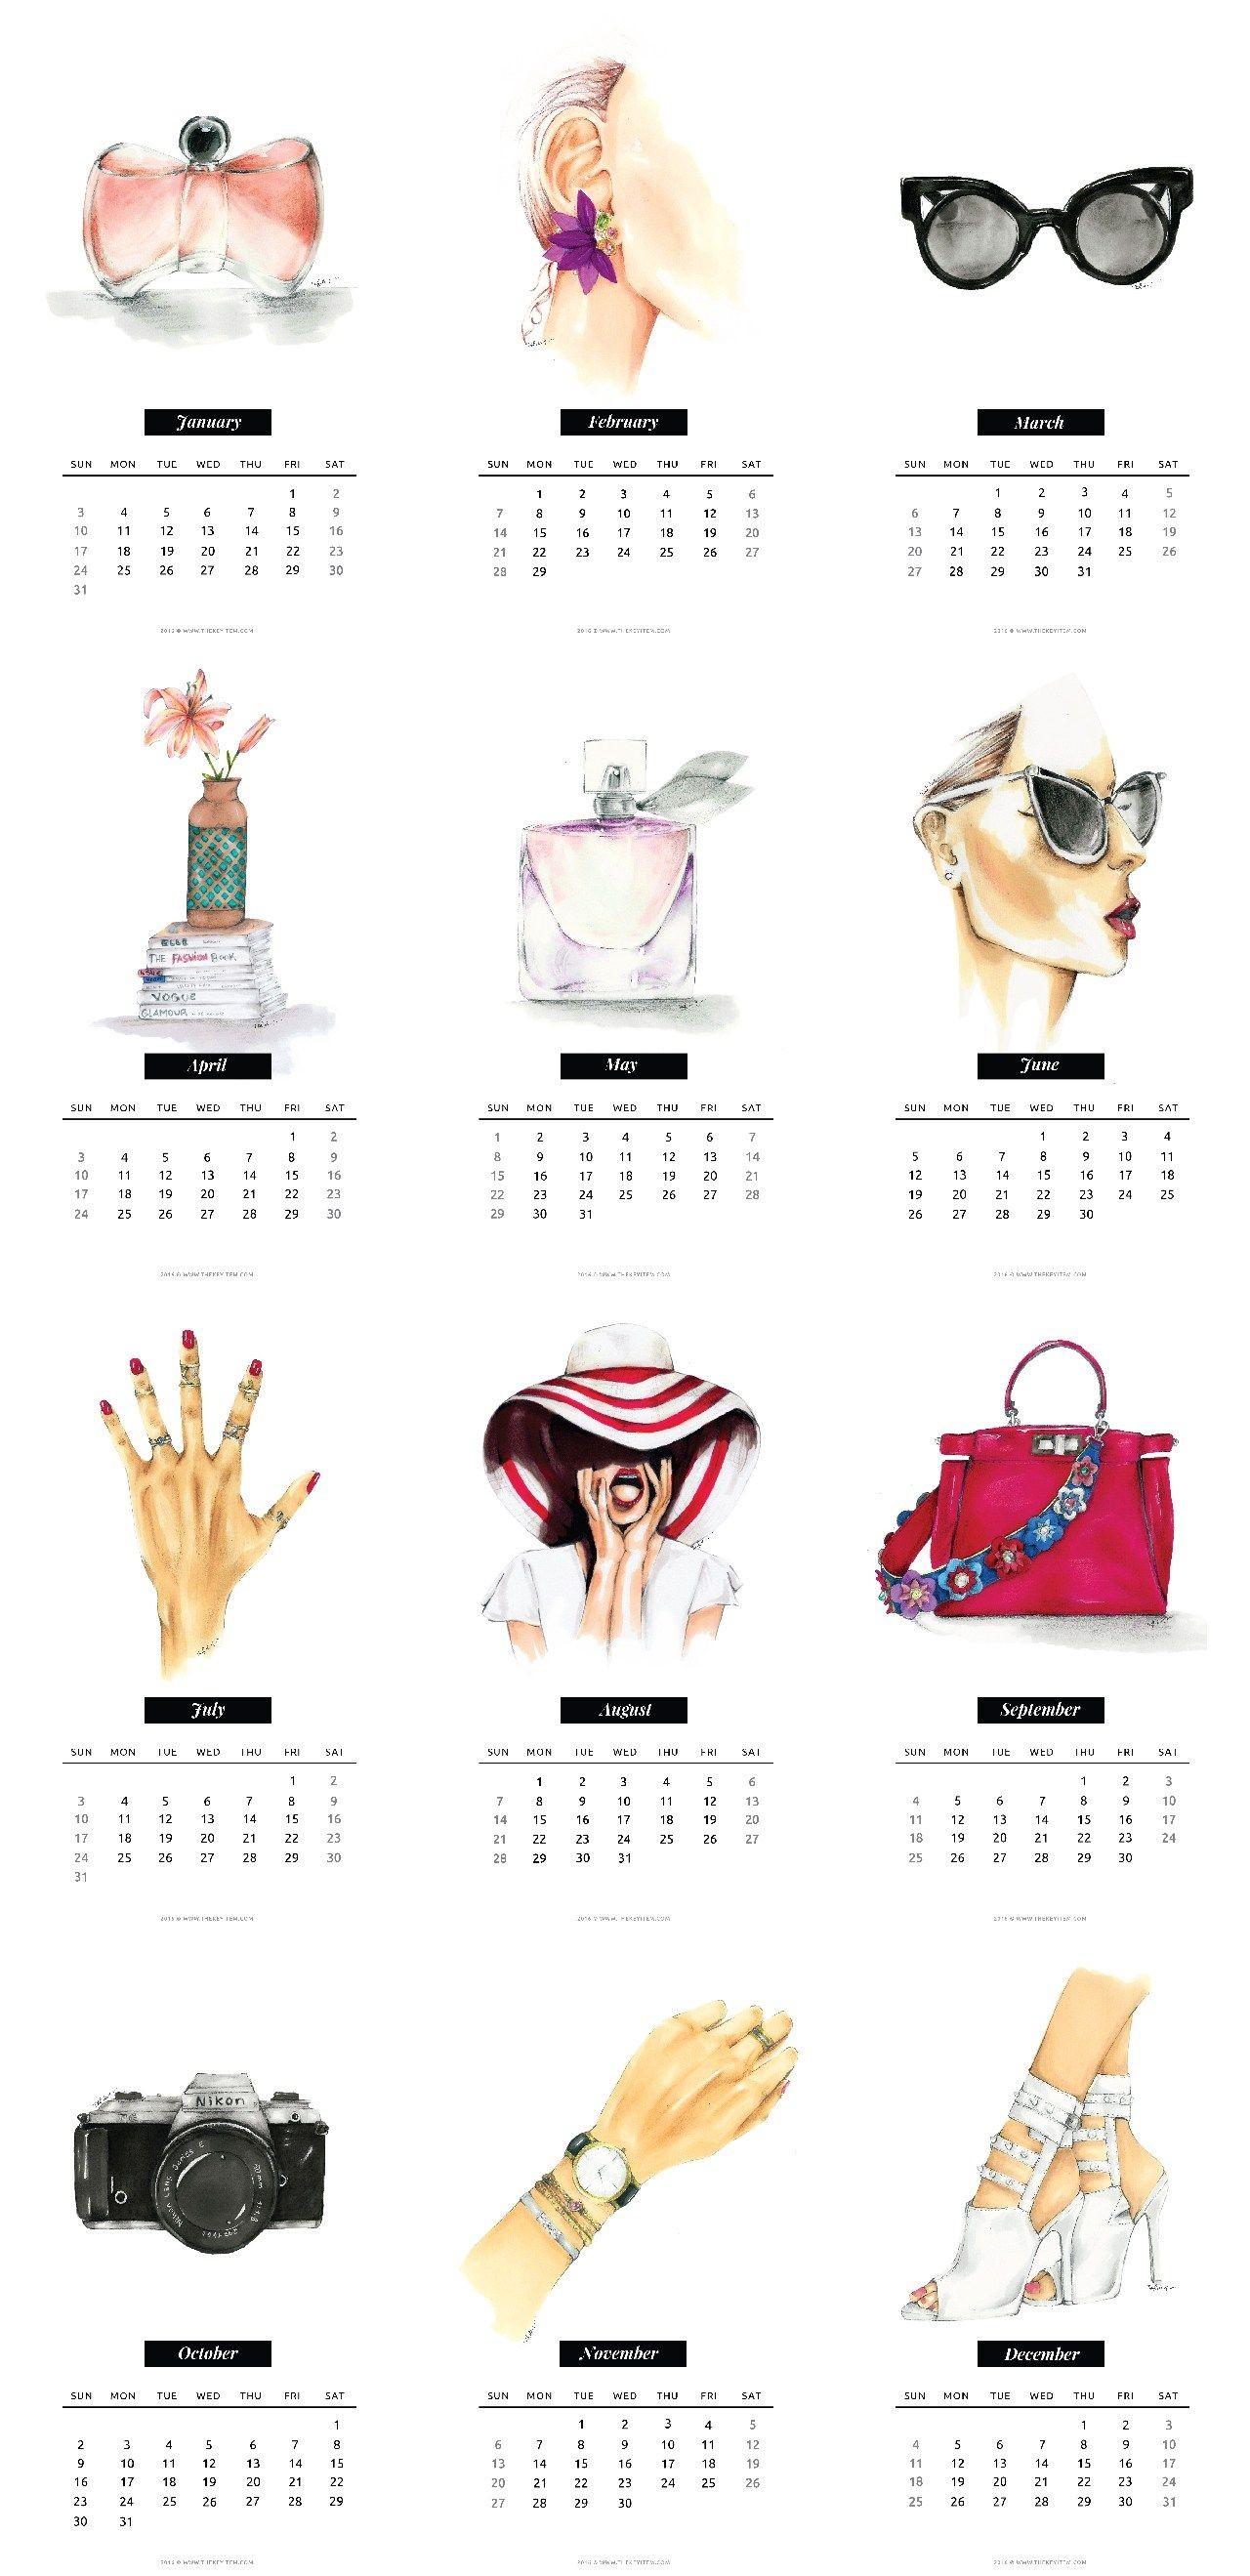 Calendario En Blanco Para Imprimir Pdf Más Populares Calendario Ilustrado 2016 Gratis Ilustraciones Of Calendario En Blanco Para Imprimir Pdf Mejores Y Más Novedosos Es Calendarios Para Imprimir 2017 Noviembre